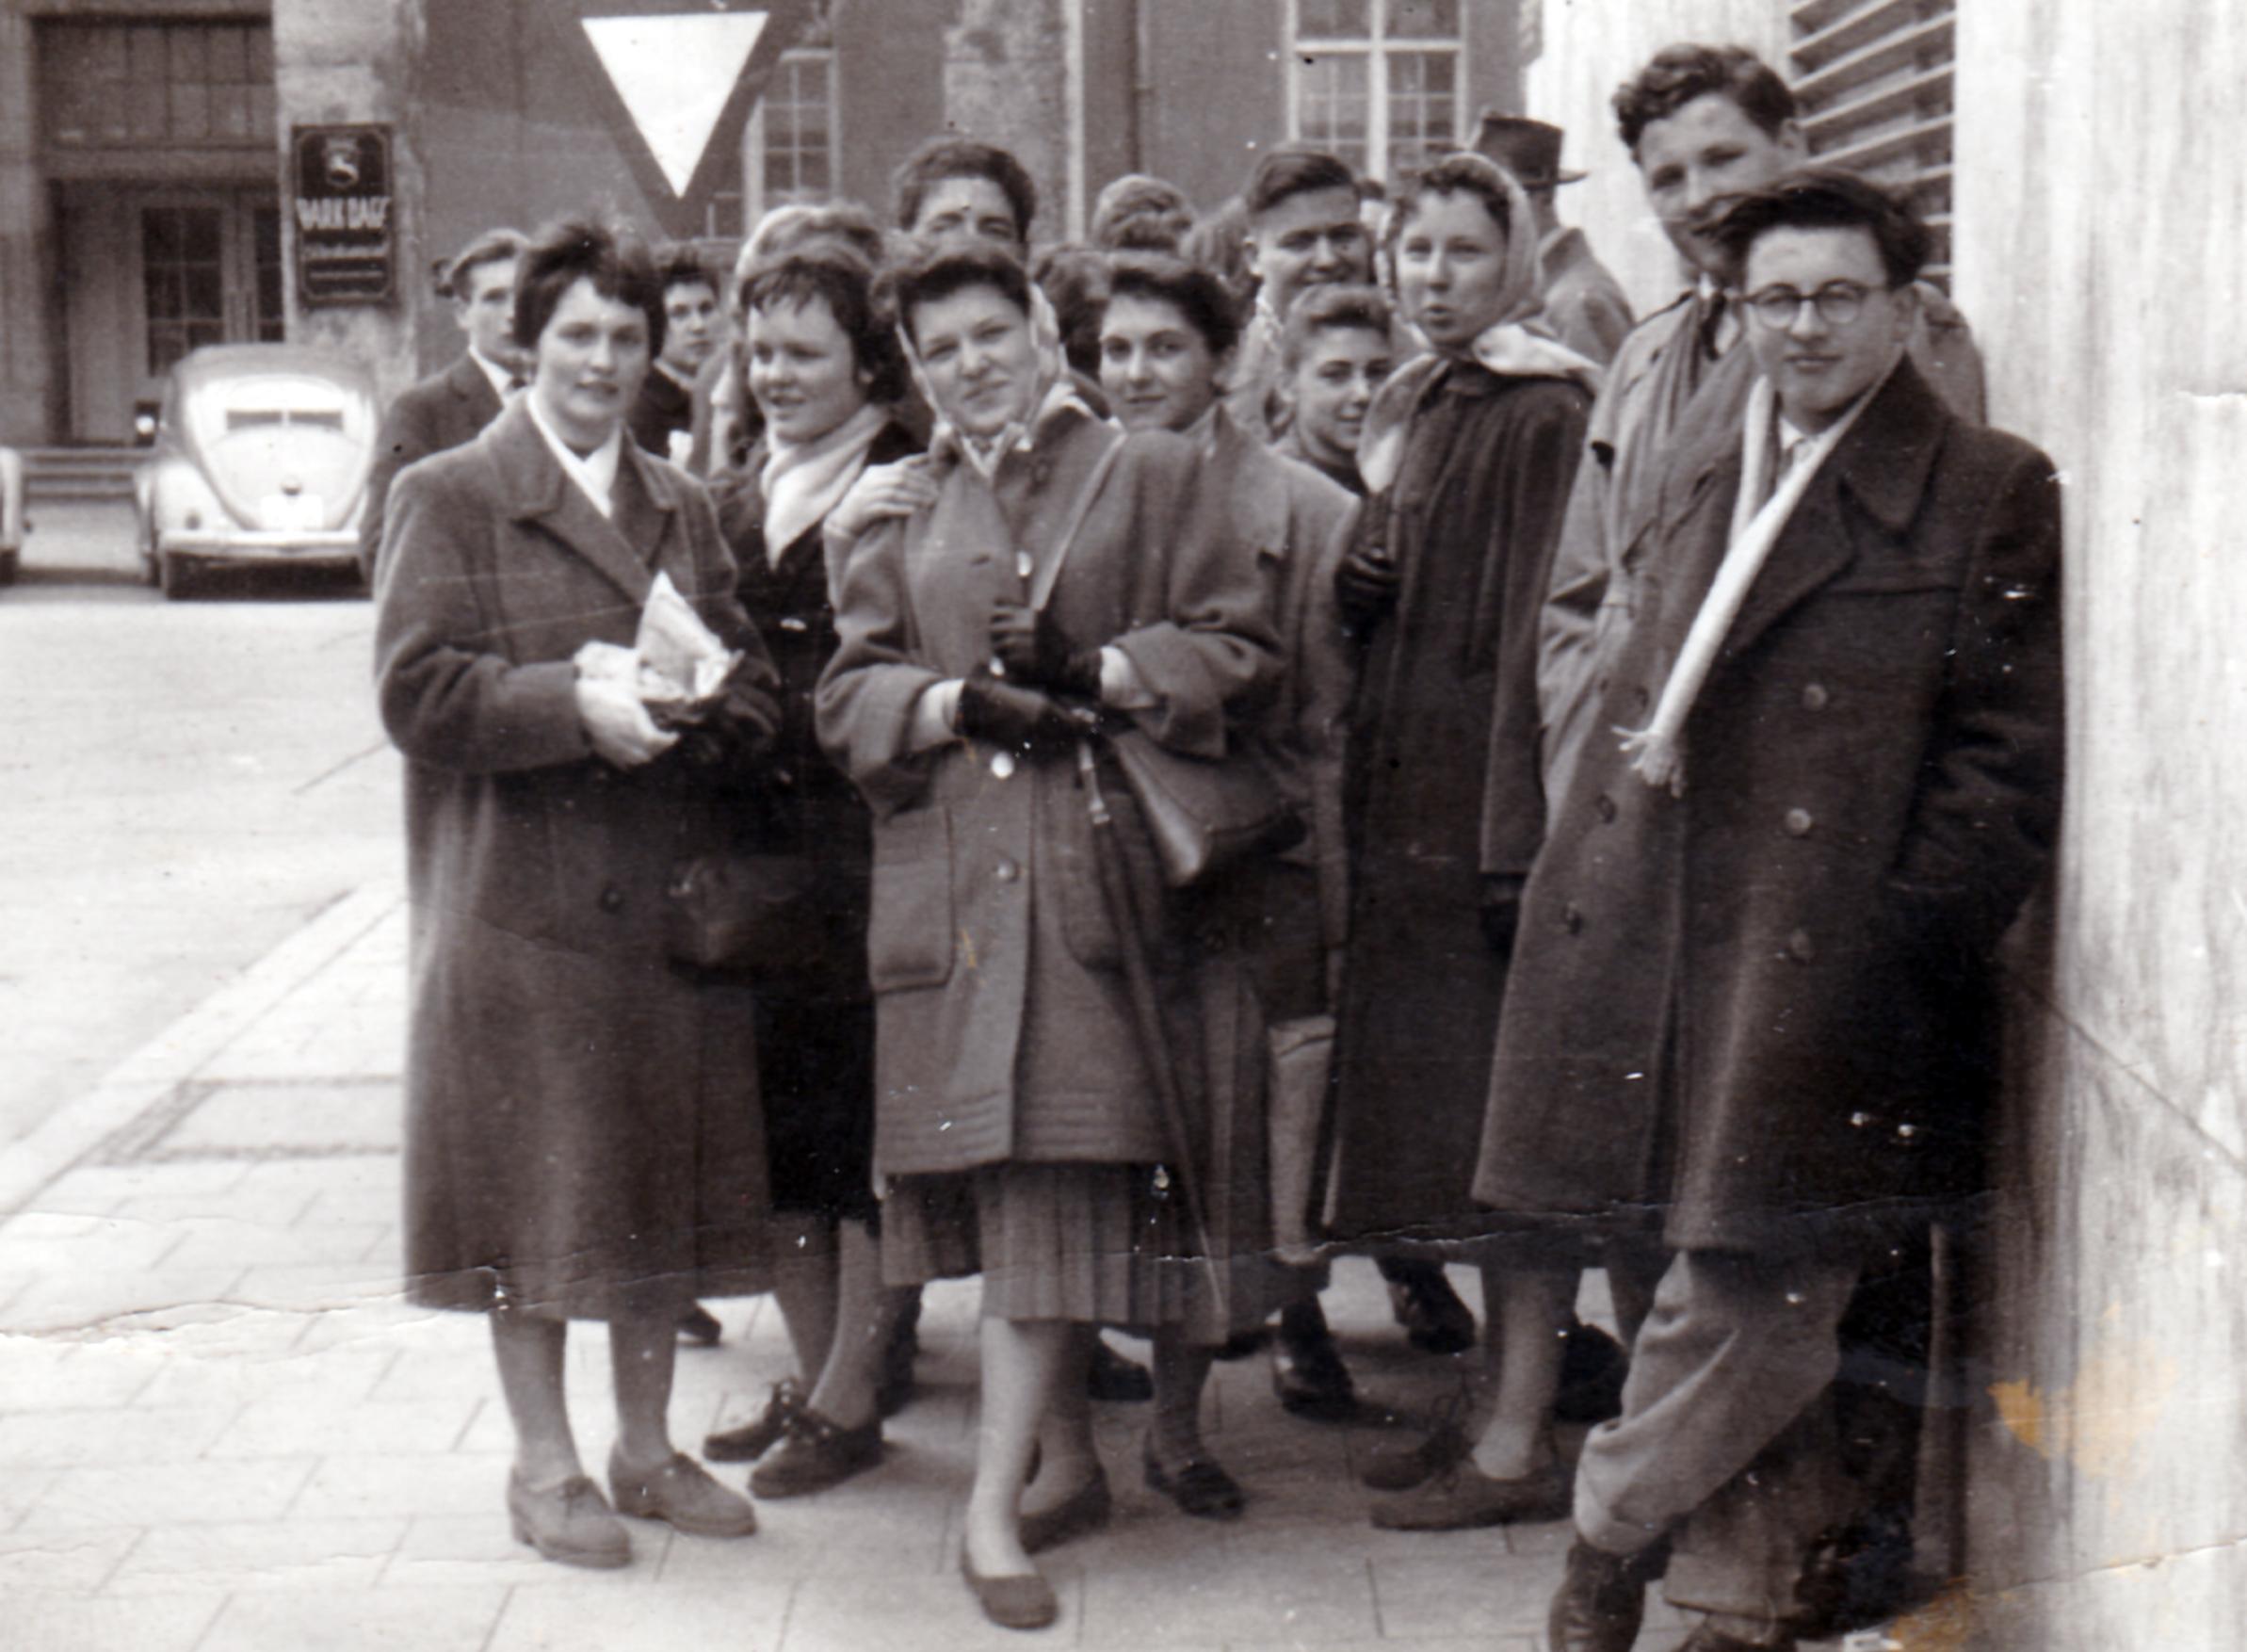 HAK Excurion Nürnberg (Quelle)